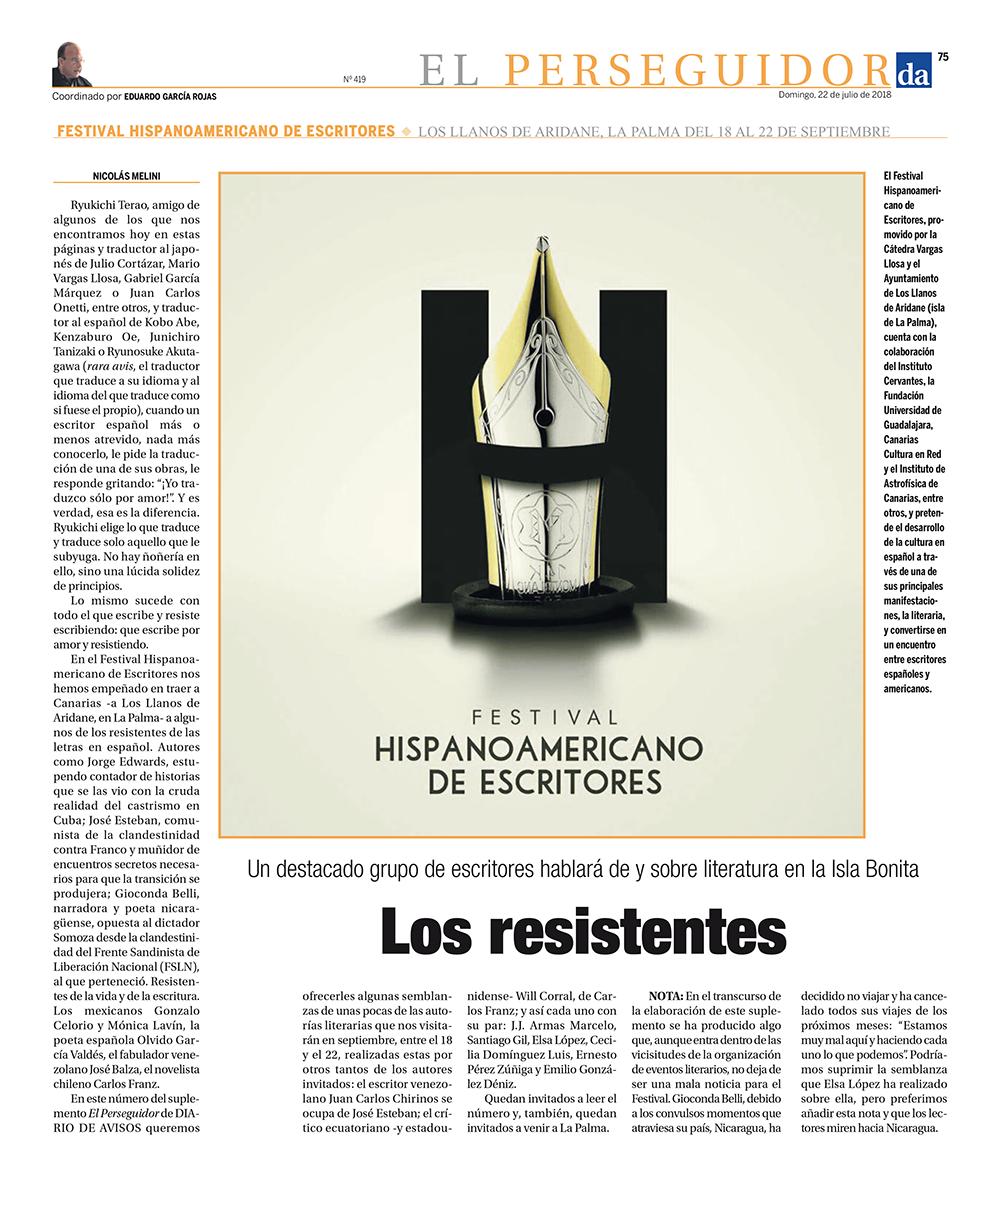 22/07/2018_El Perseguidor_Diario de Avisos